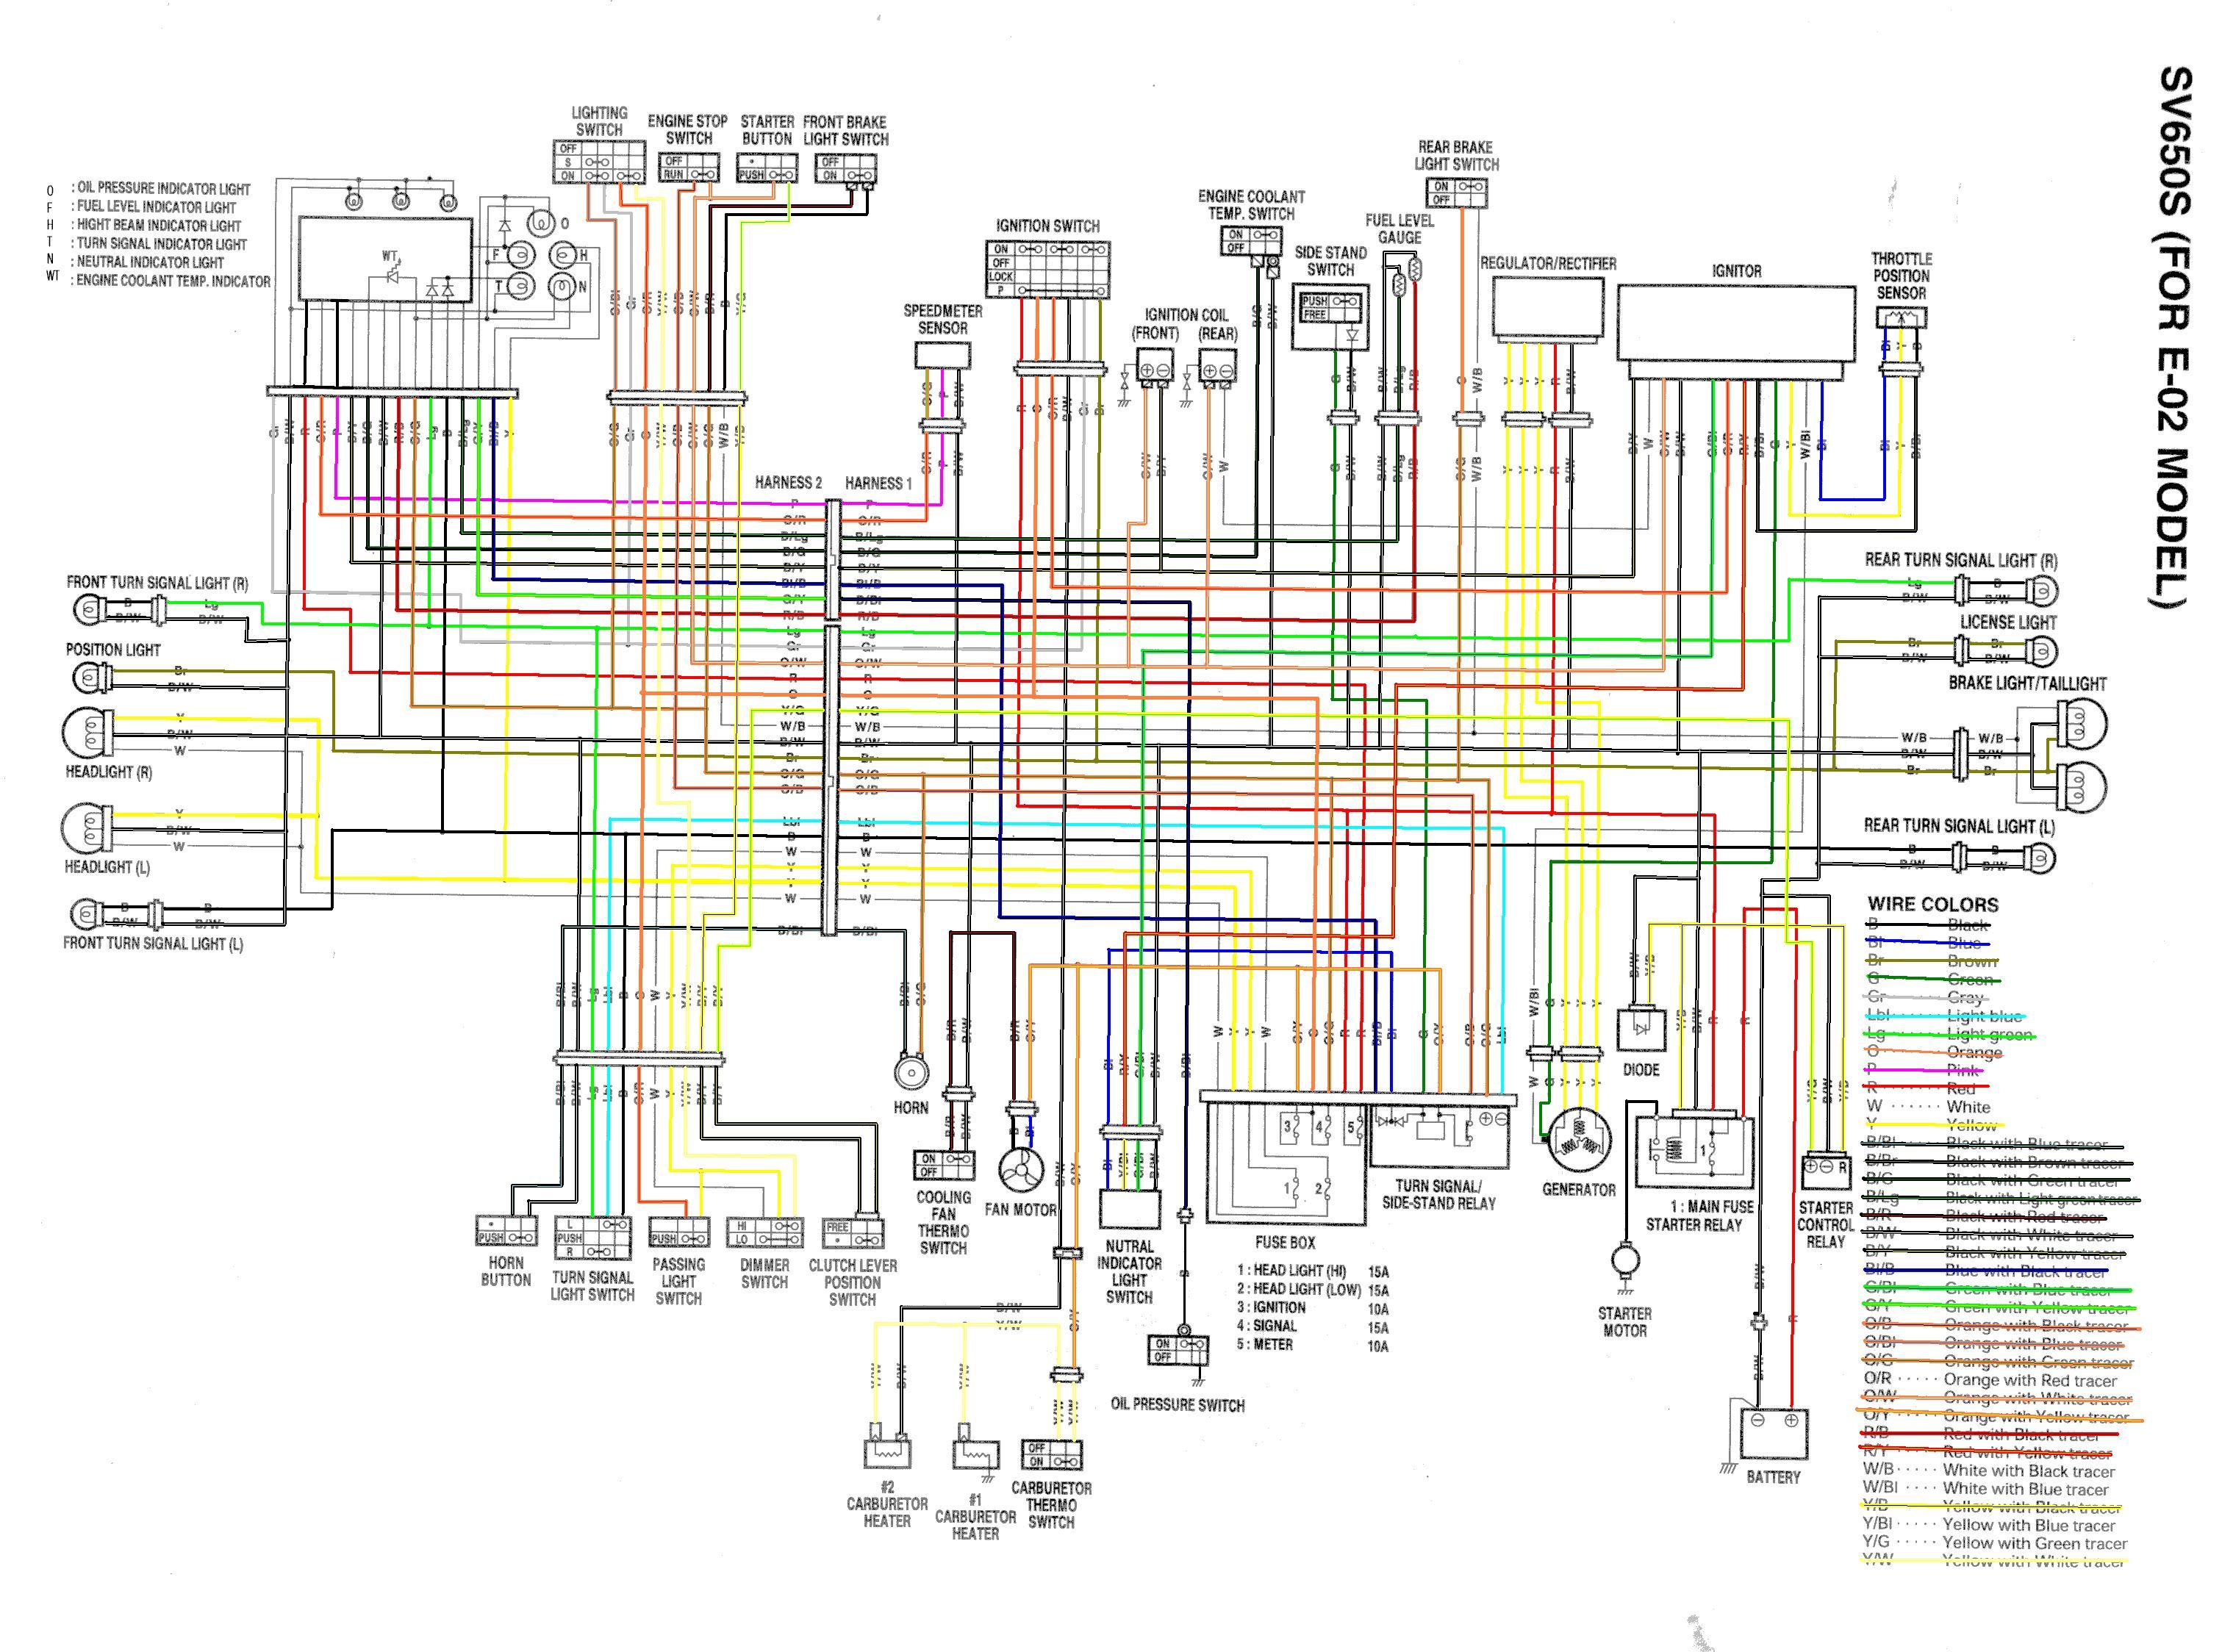 Schema electrique sv 650 k7